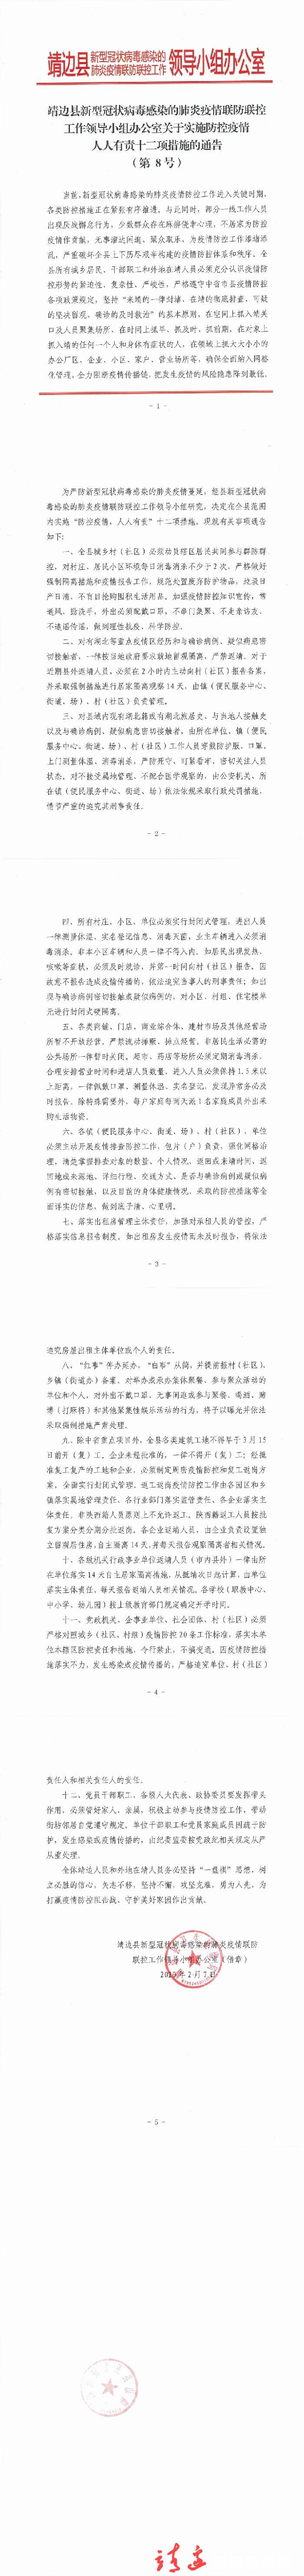 靖联防办关于实施防控疫情人人有责十二项措施的通告(第8号)